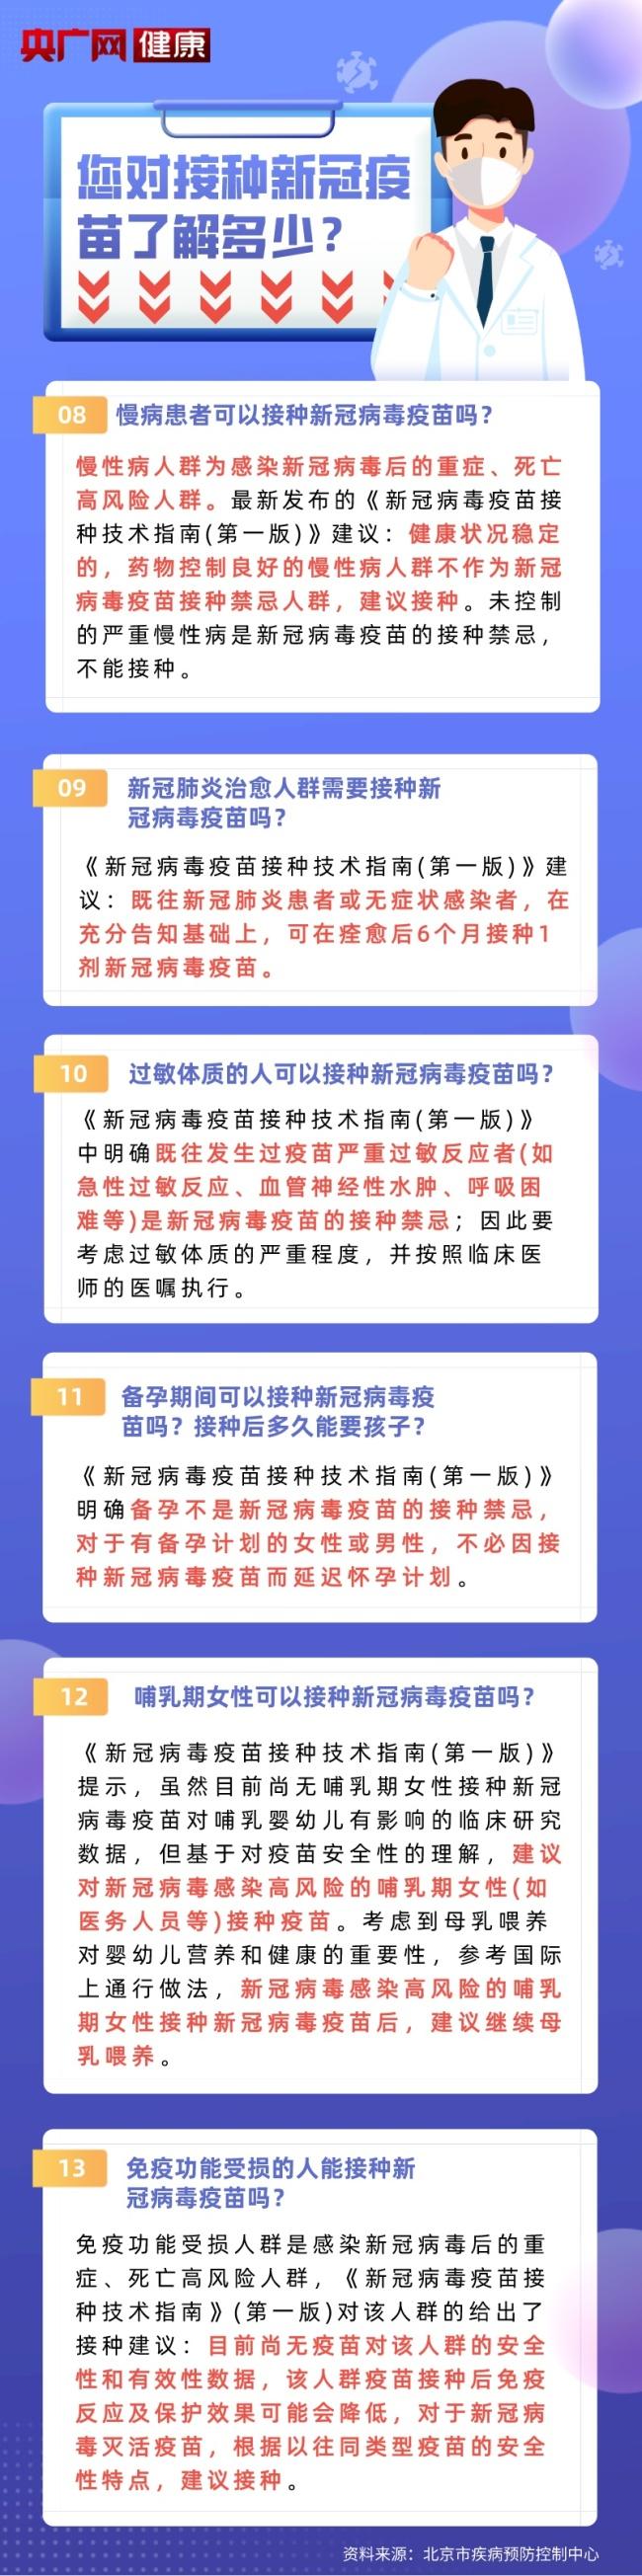 北京市新冠病毒疫苗接种新版问答(下)